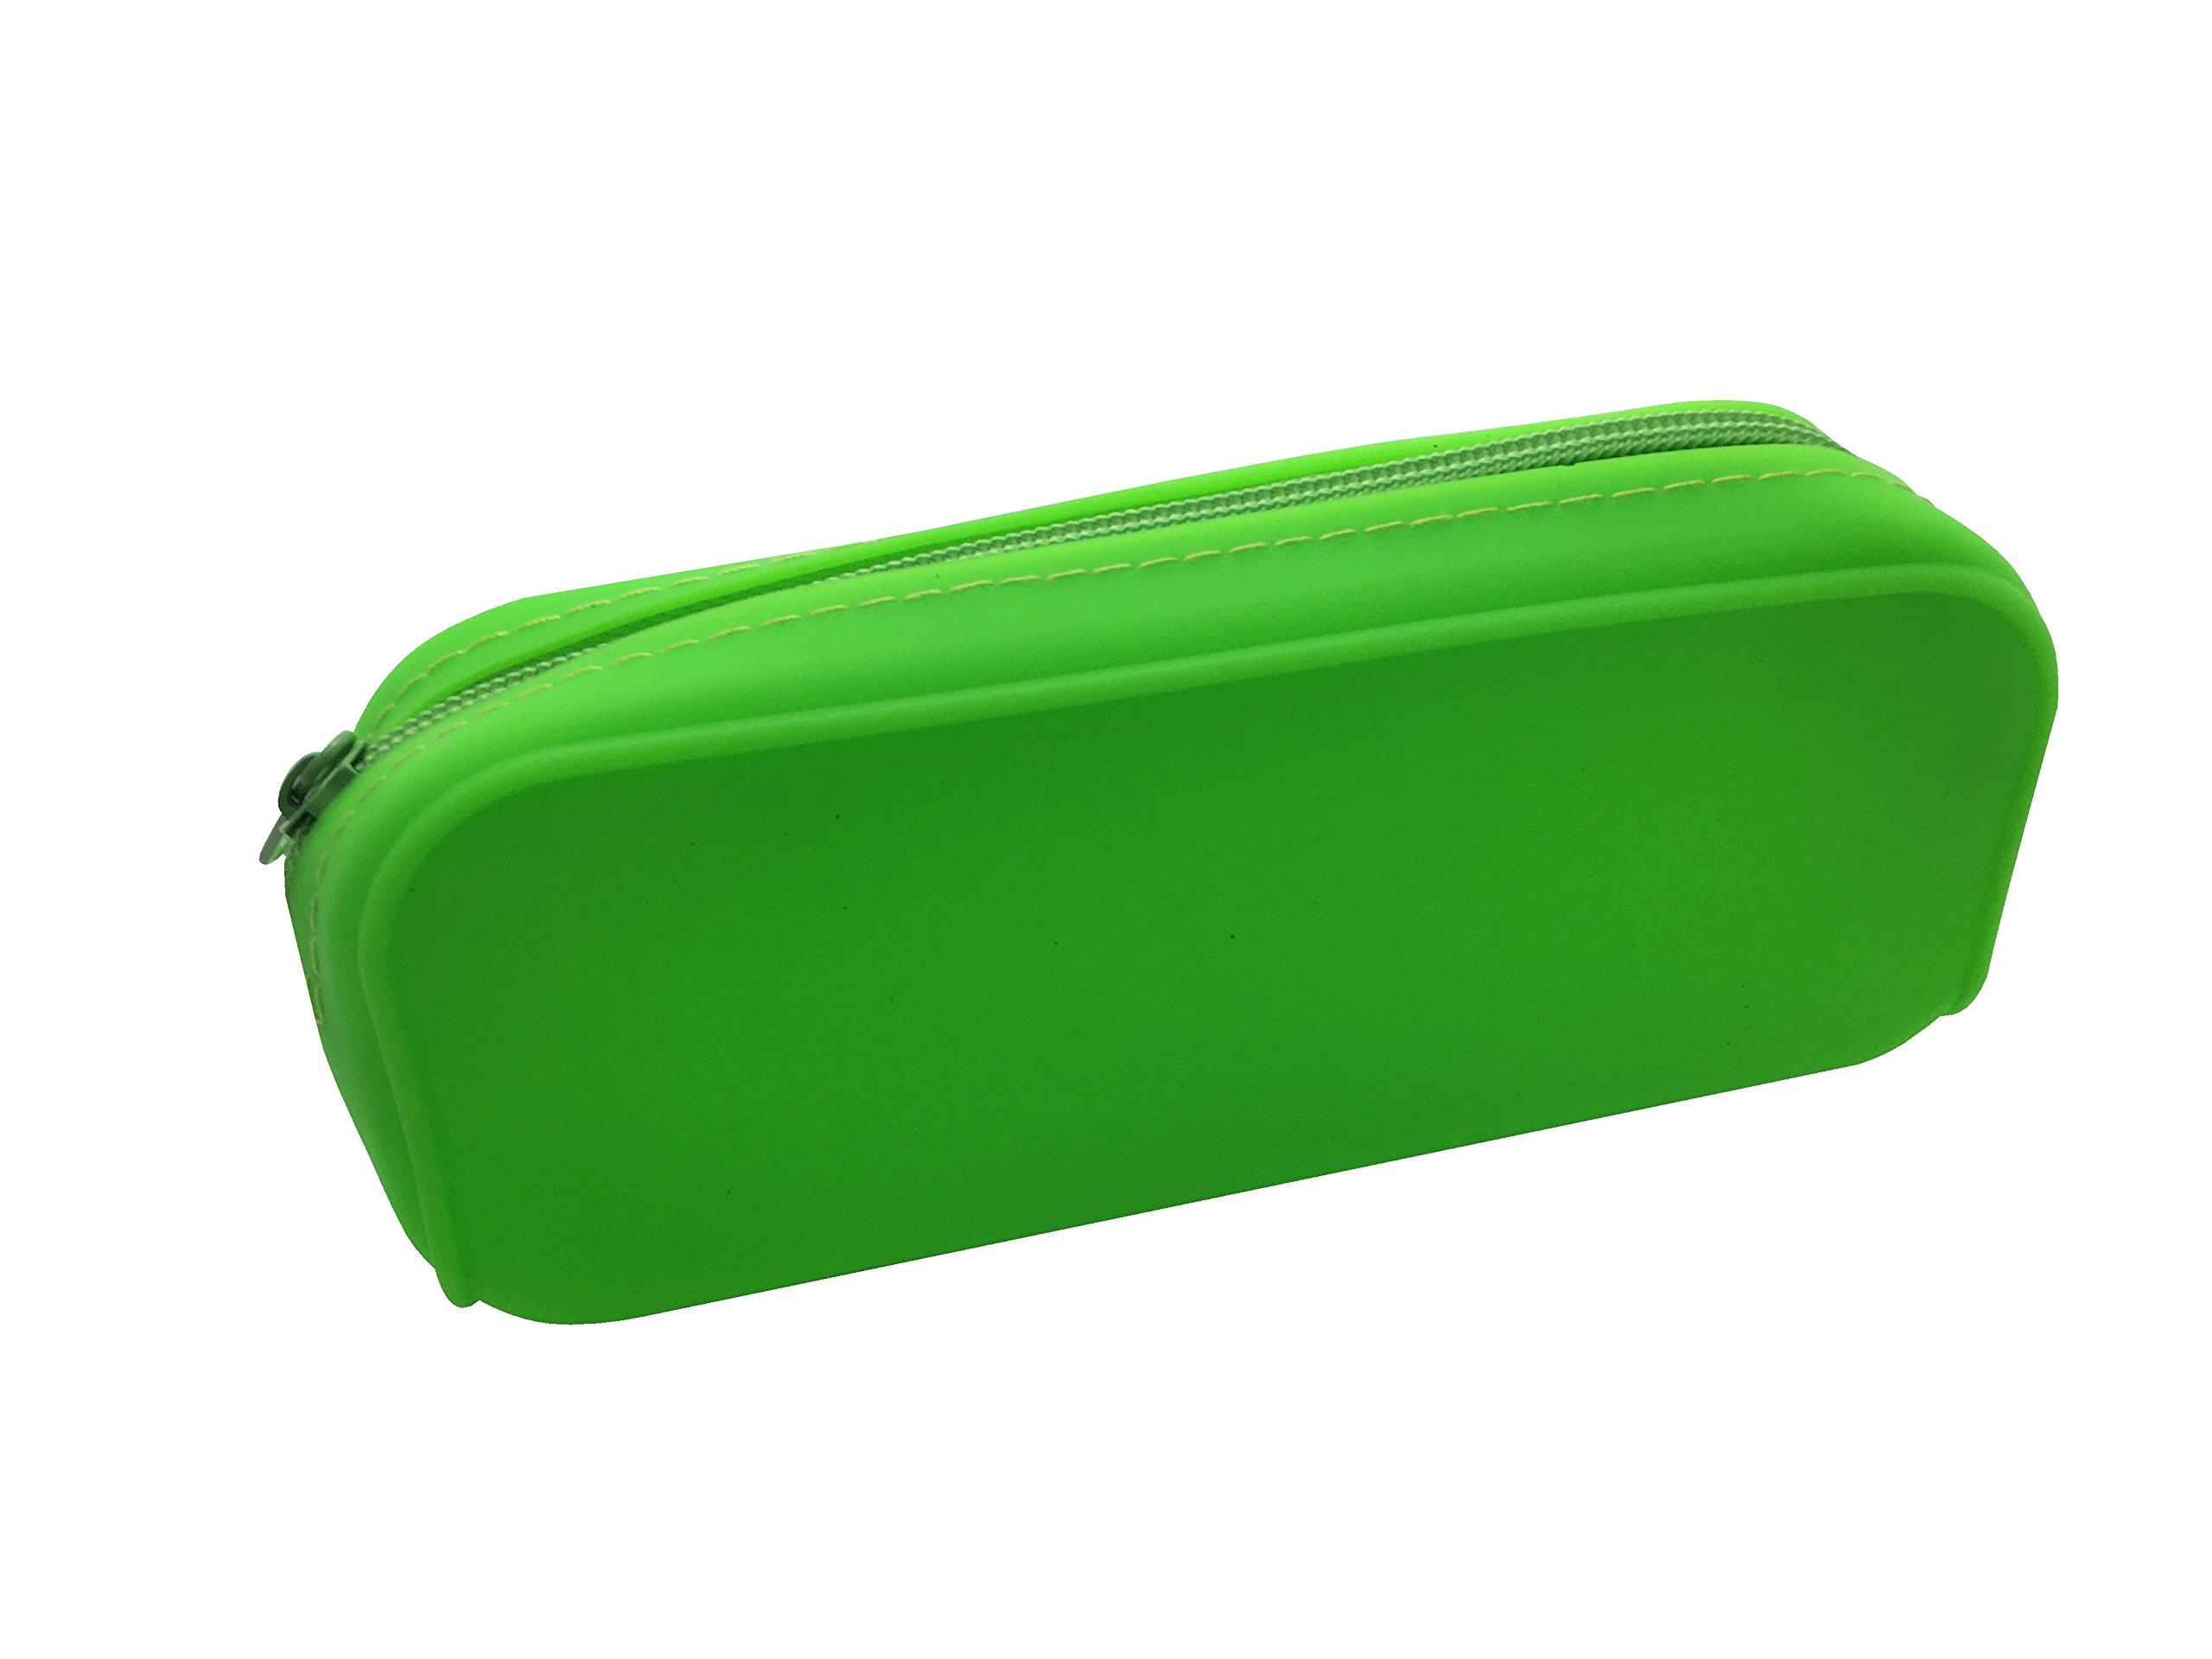 Janrax - Estuche de silicona, color verde neón: Amazon.es: Hogar